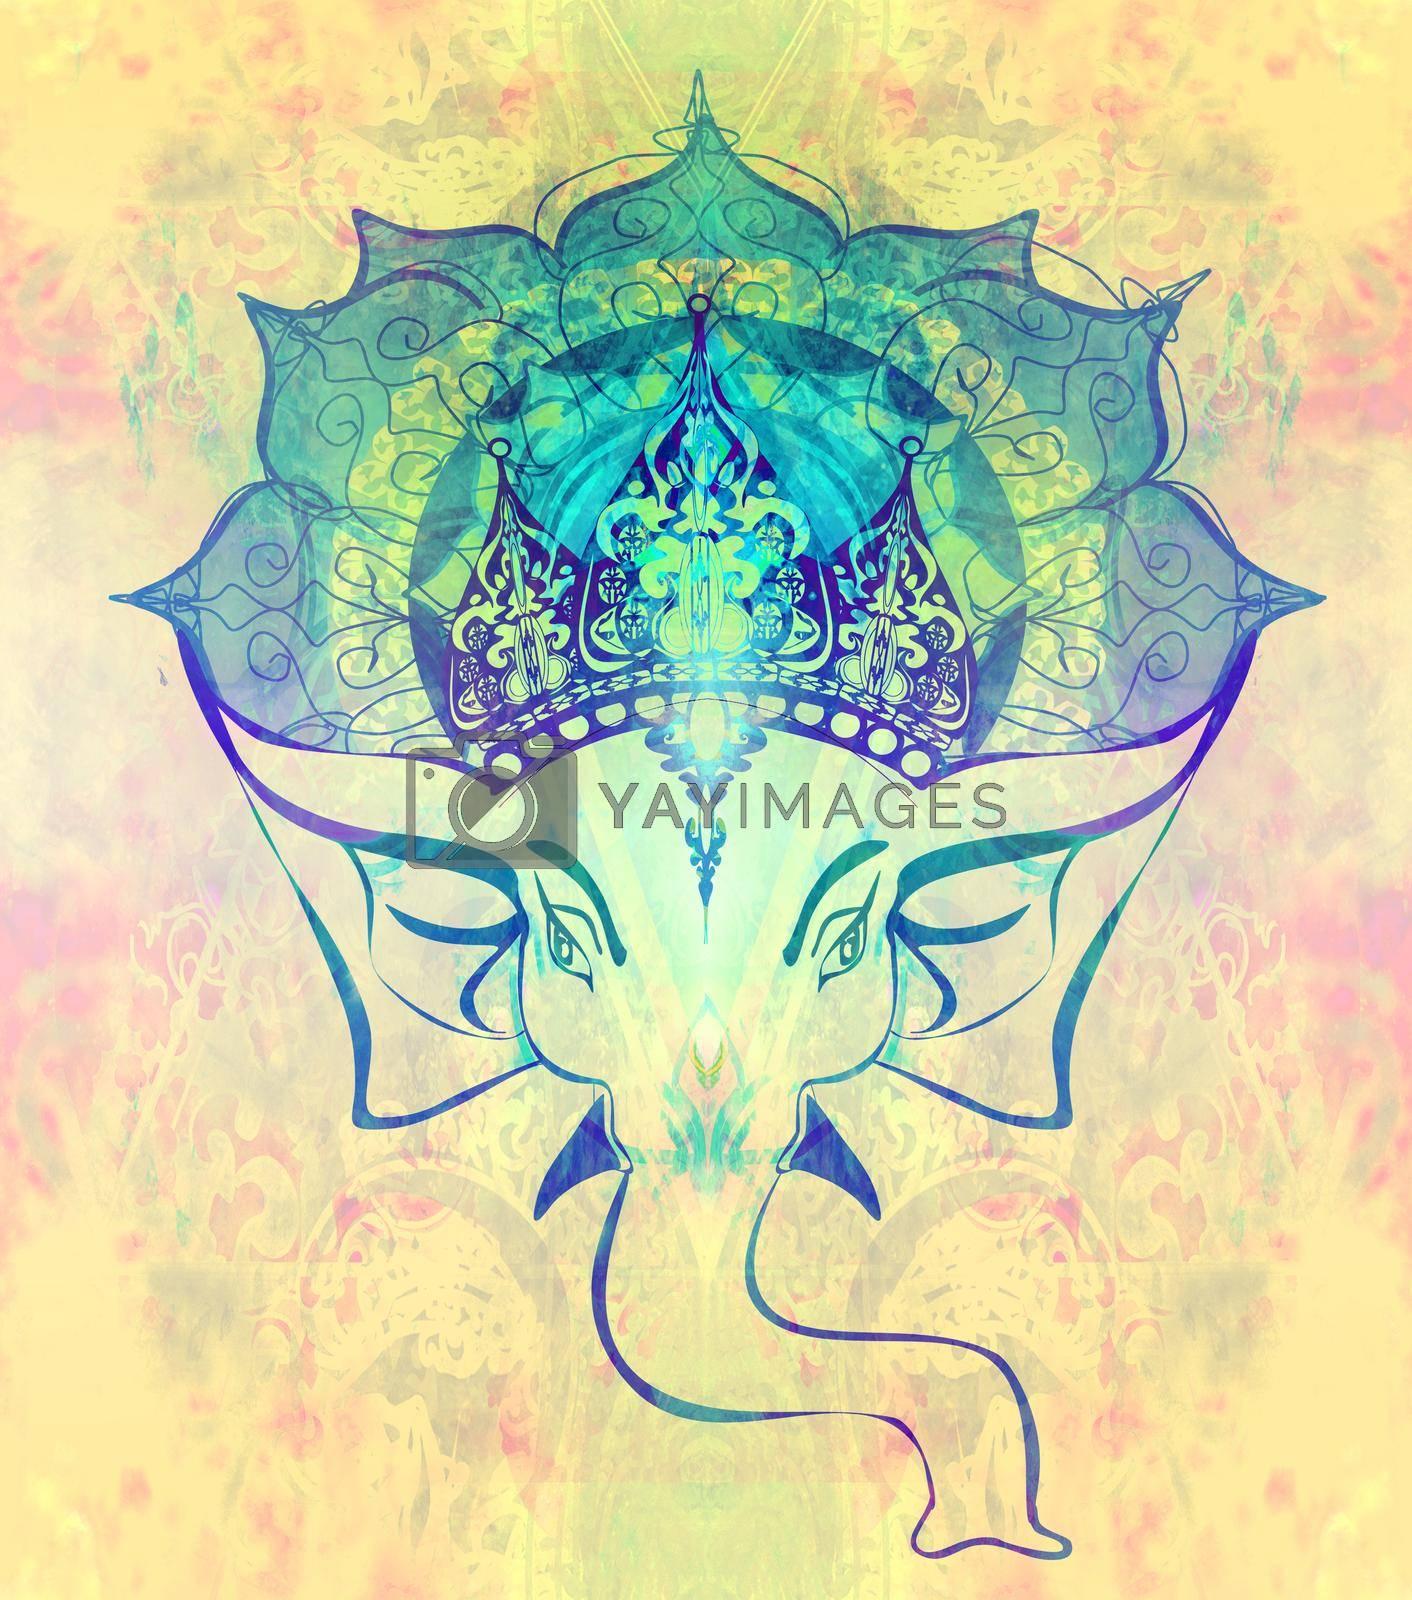 Royalty free image of Hindu Lord Ganesha over ornate mandala by JackyBrown